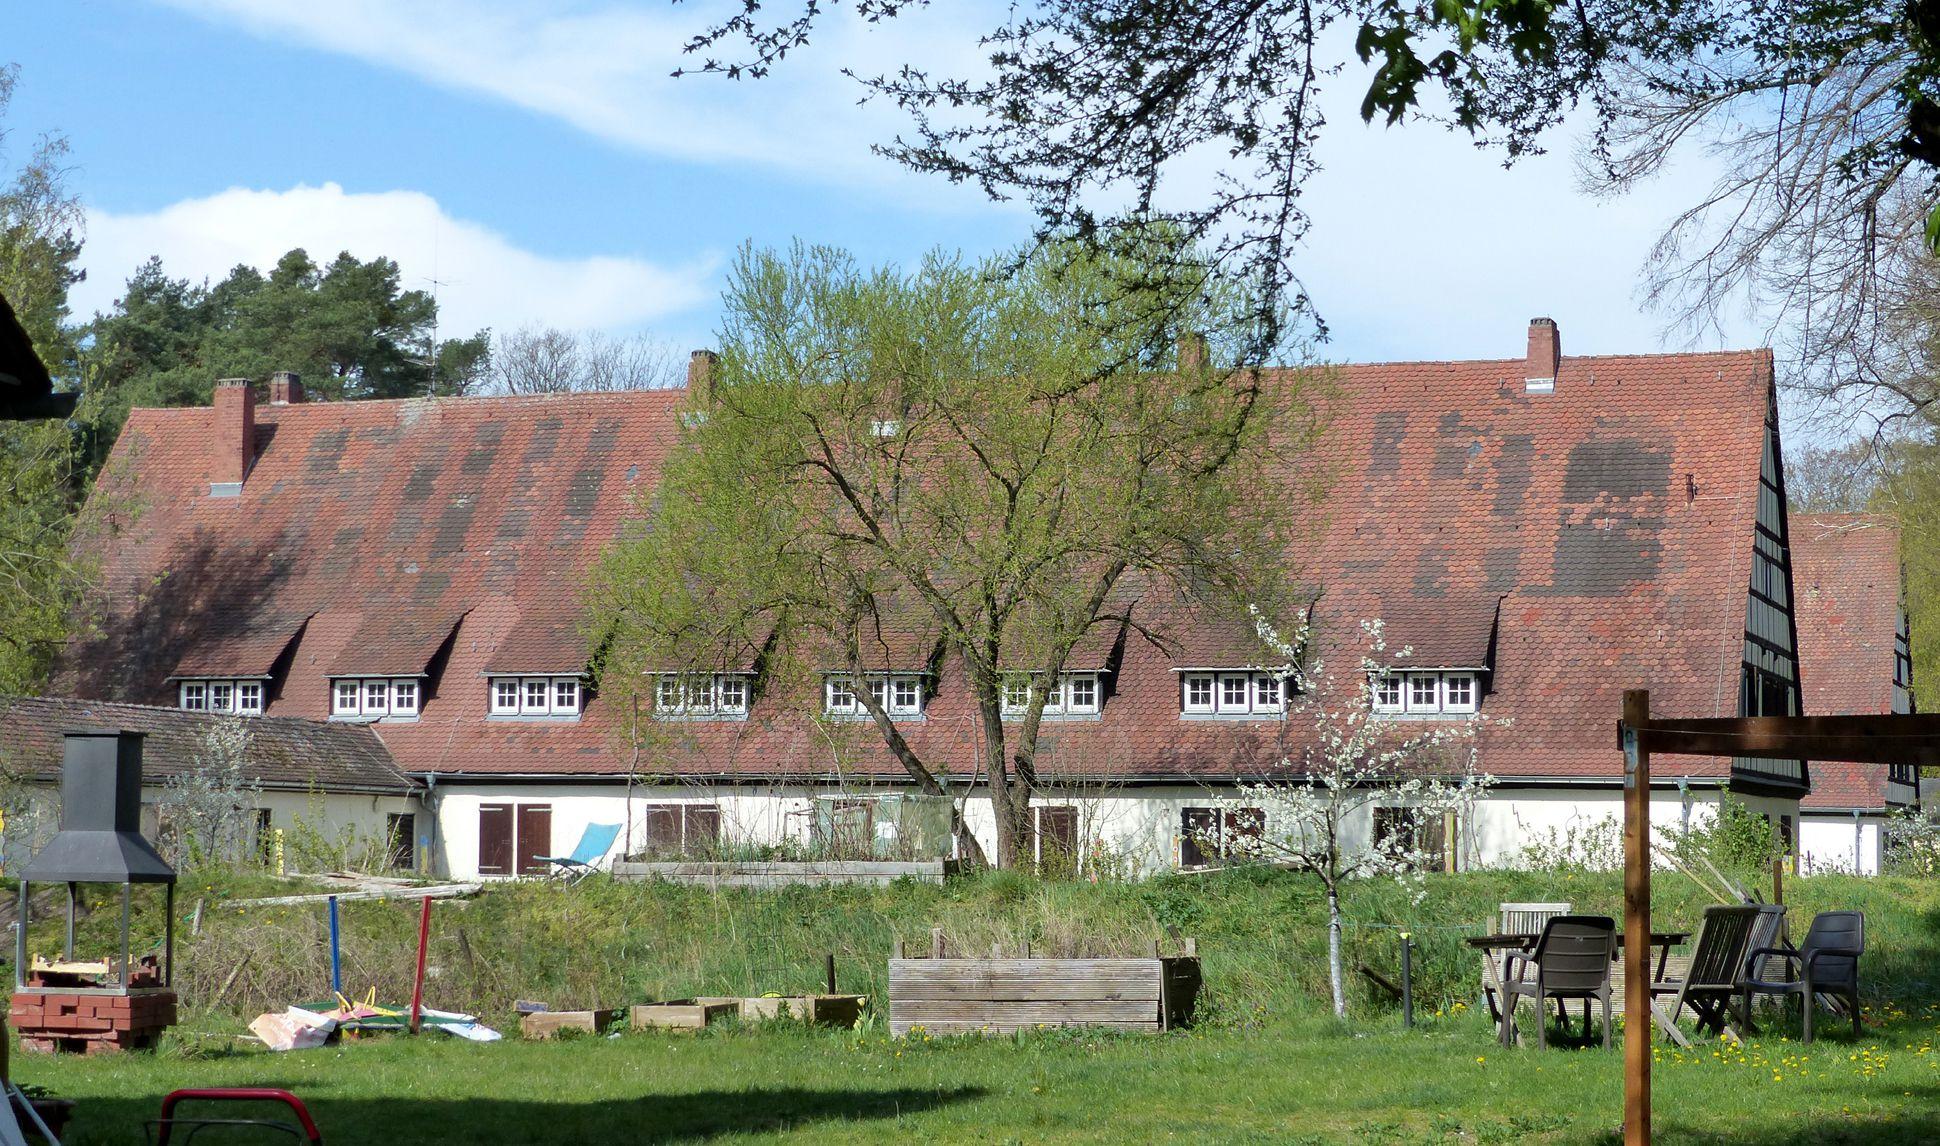 Arbeiterunterkünfte (heute August-Meier-Siedlung) ehemalige Arbeiterunterkünfte, Seitenansicht